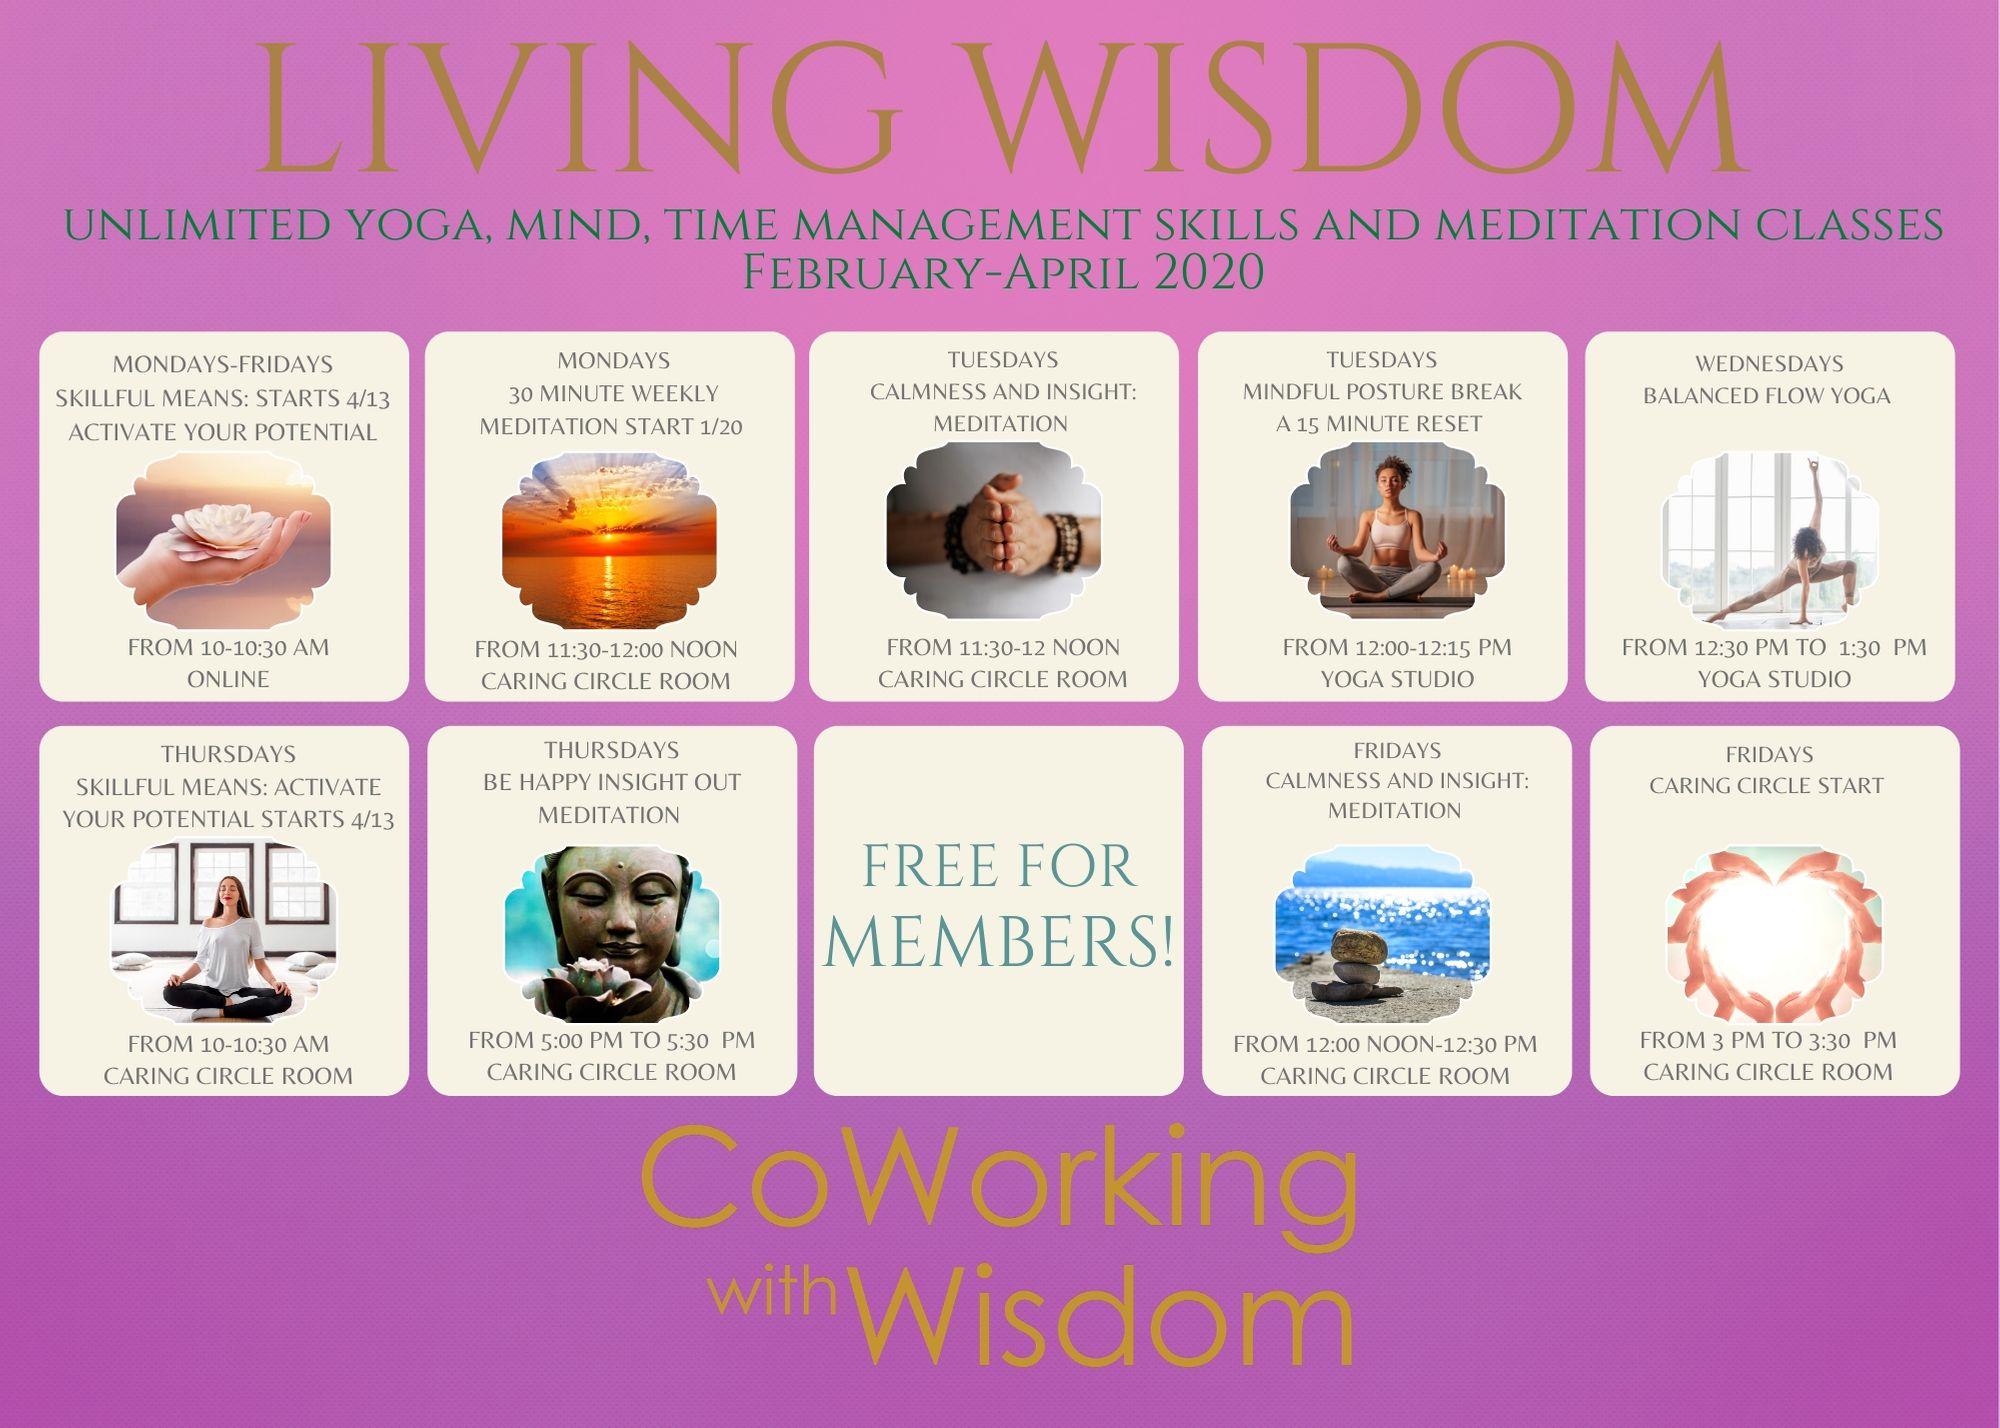 Living Wisdom Spring 2020 Classes